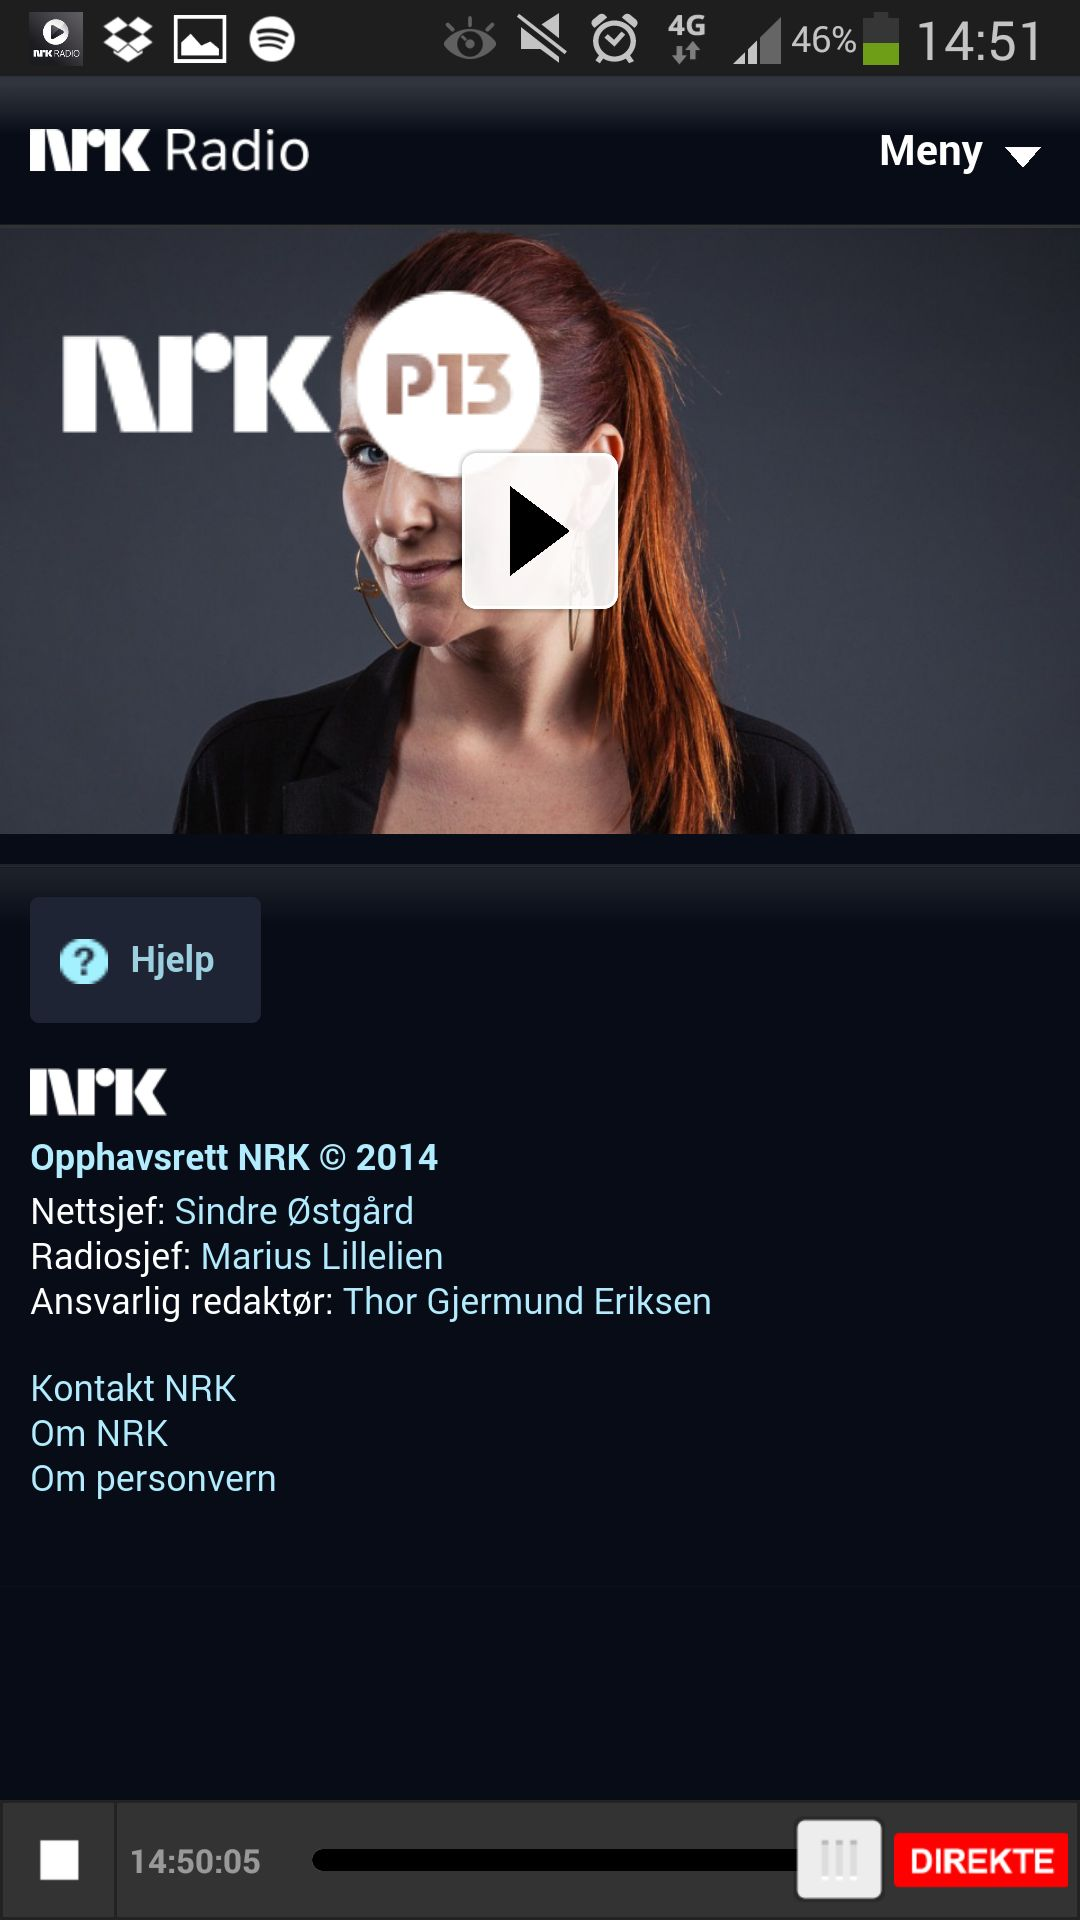 To minutter etterpå, mens jeg jobbet med å få overført forrige skjermdump til skyen, begynte NRK-appen å spille. Det til tross for helt grei 4G-dekning, og ingen problemer med de andre appene.Foto: Finn Jarle Kvalheim, Amobil.no